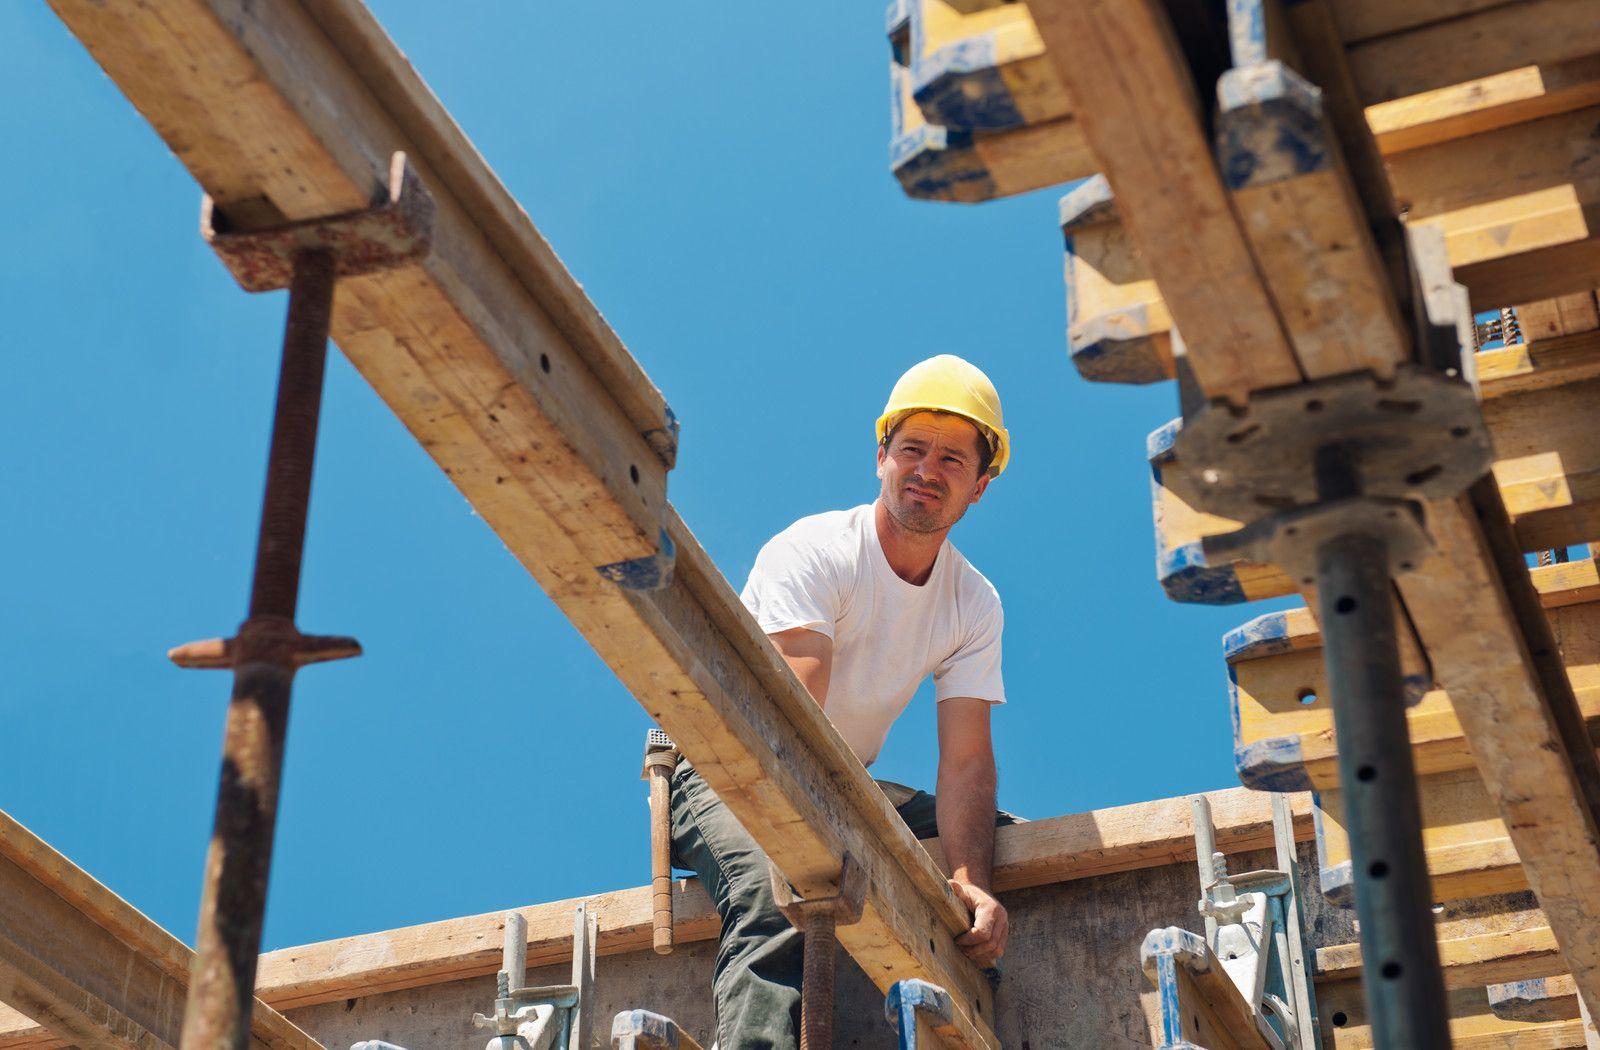 Unlicensed Contractor